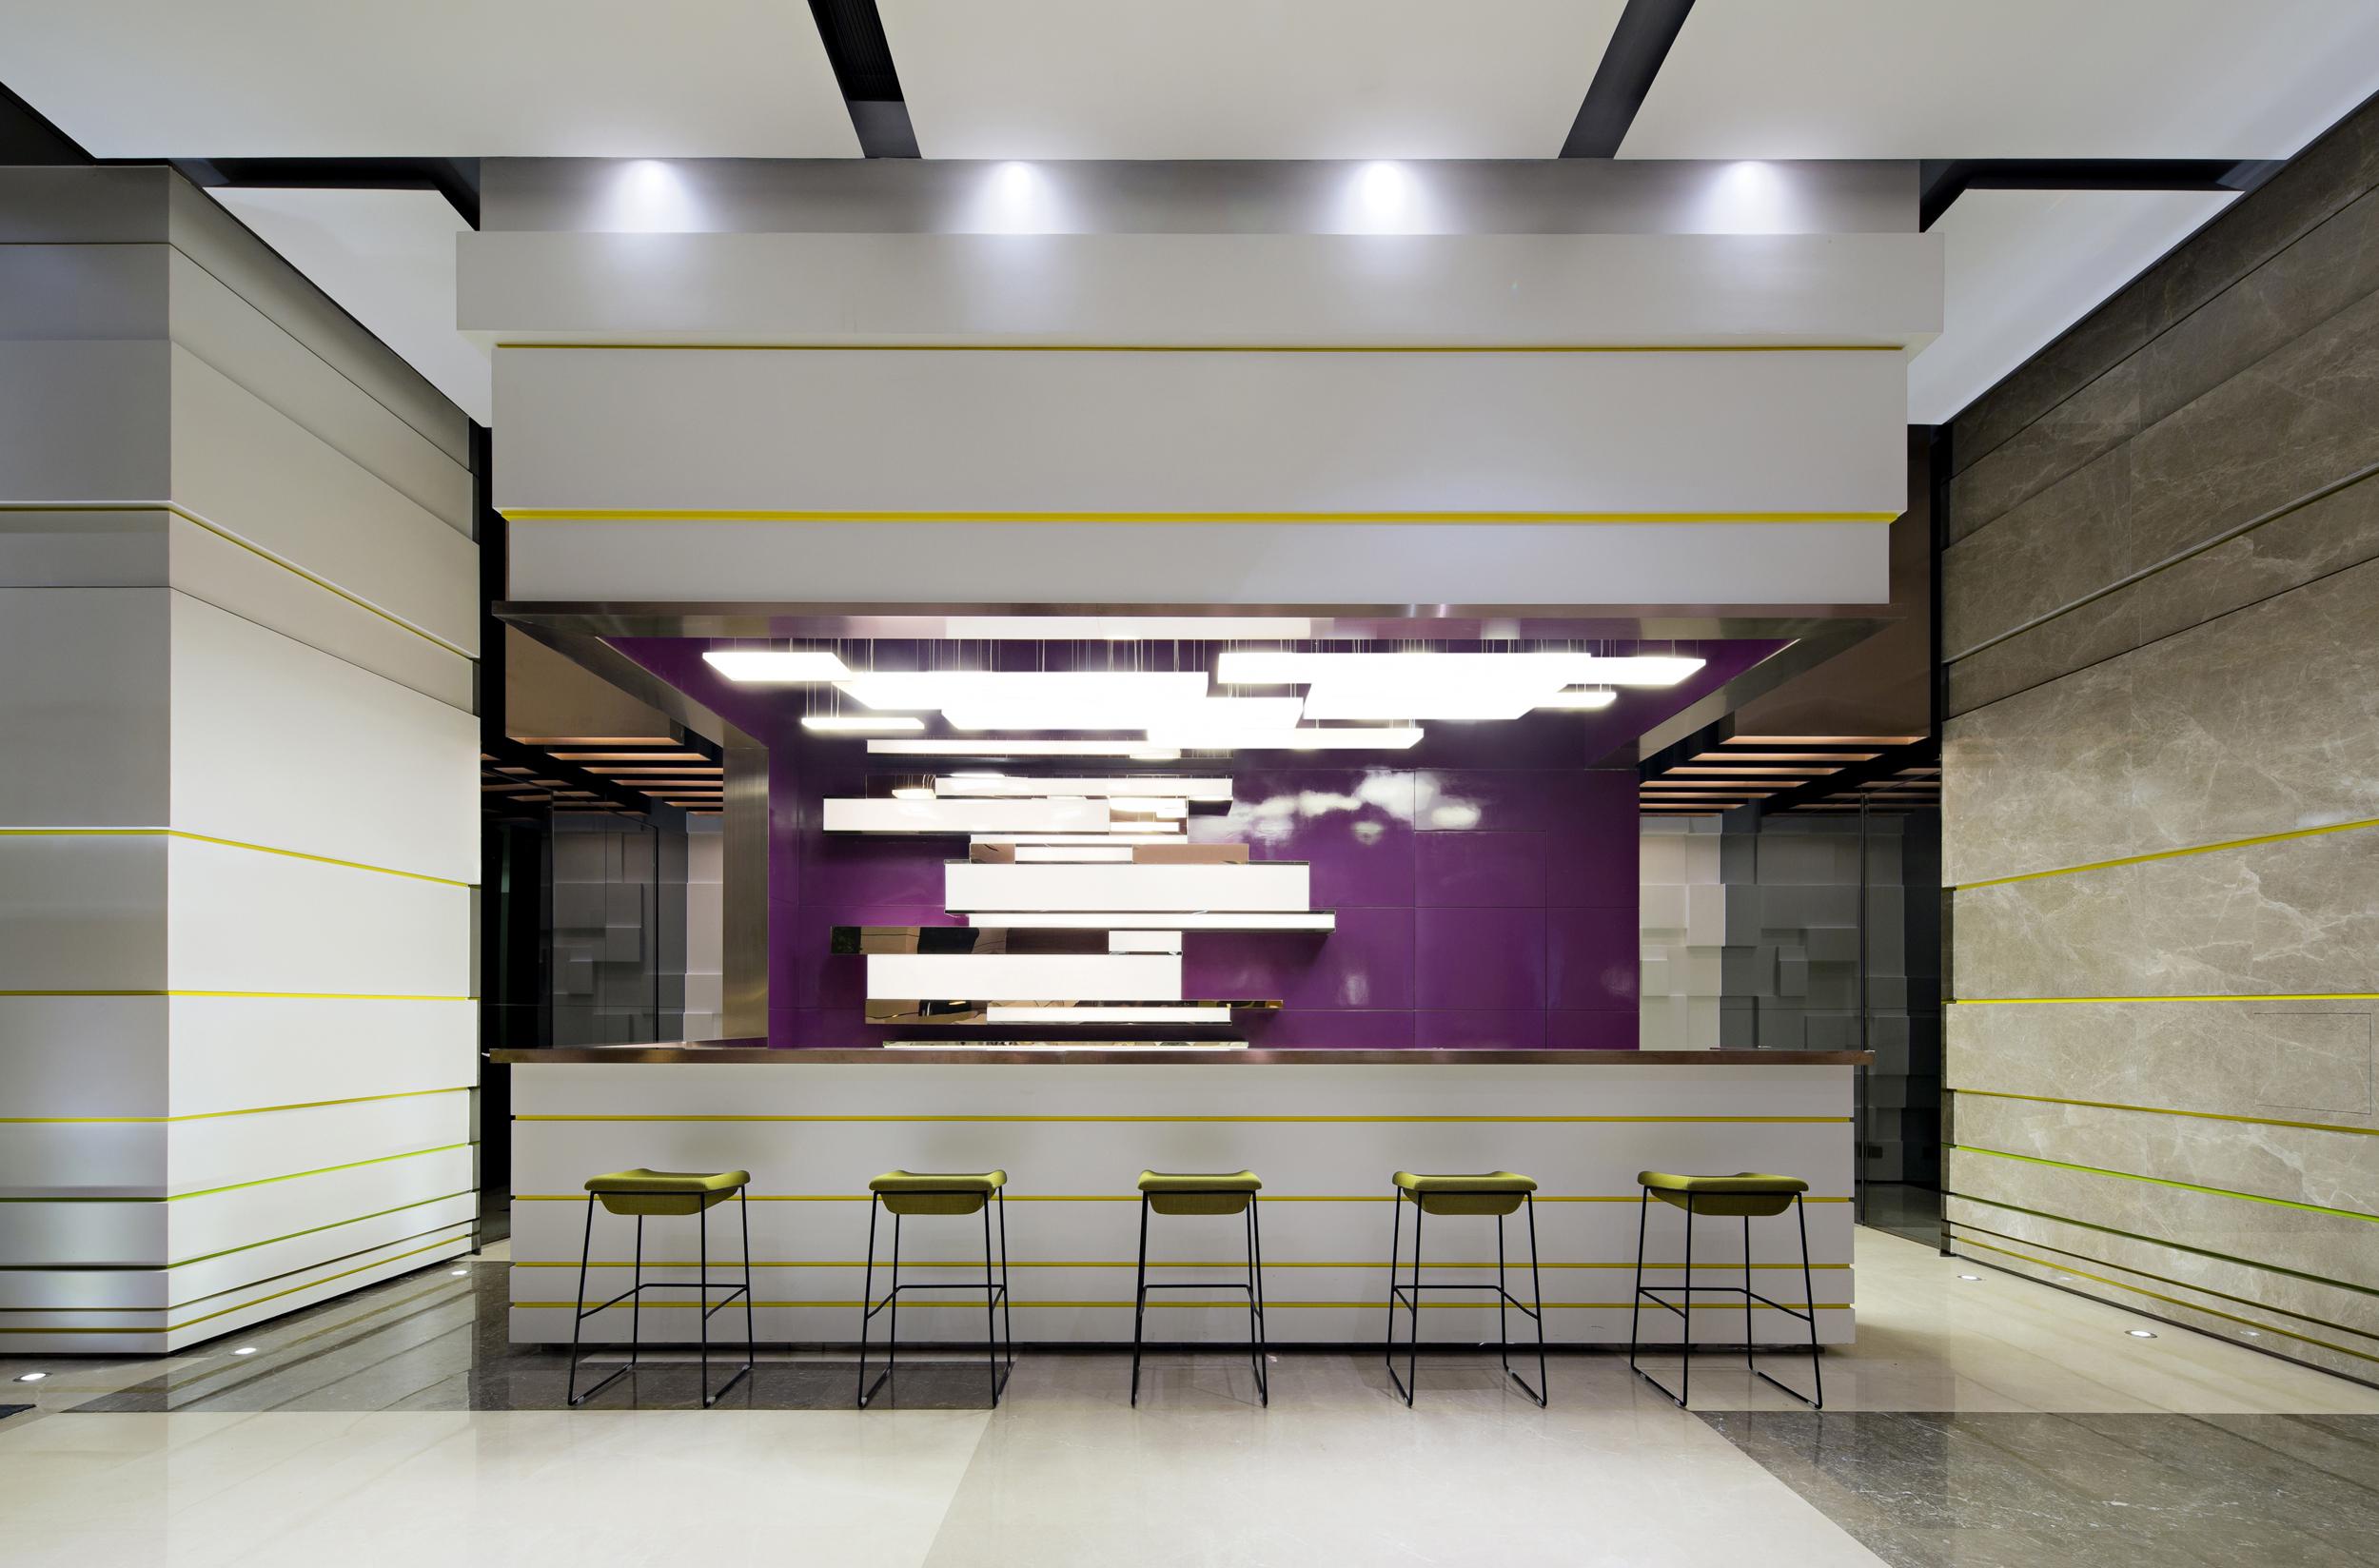 """一、功能 这是万科地产的一个售楼部,售楼部由外广场进入,约800平方米,而样板房则被设计成一个类似橱窗般的玻璃盒子镶入售楼部空间中,使售楼部与样板房两个功能空间合二为一,这种一体化的设计颠覆了传统的两点一线的销售模式,为产品的销售赢得了宝贵的时间。 二、氛围 本售楼部设计希望用跳跃的色彩,清新的色调,时尚的家具以及动感的音乐为年轻人提供一个轻松愉悦并有亲和力空间,走进空间如同参加一次""""派对""""。 三、材质 大理石、烤漆板、乳胶漆、不锈钢、玻璃、防火板 四、灯光 造型天花的处理能将照明"""